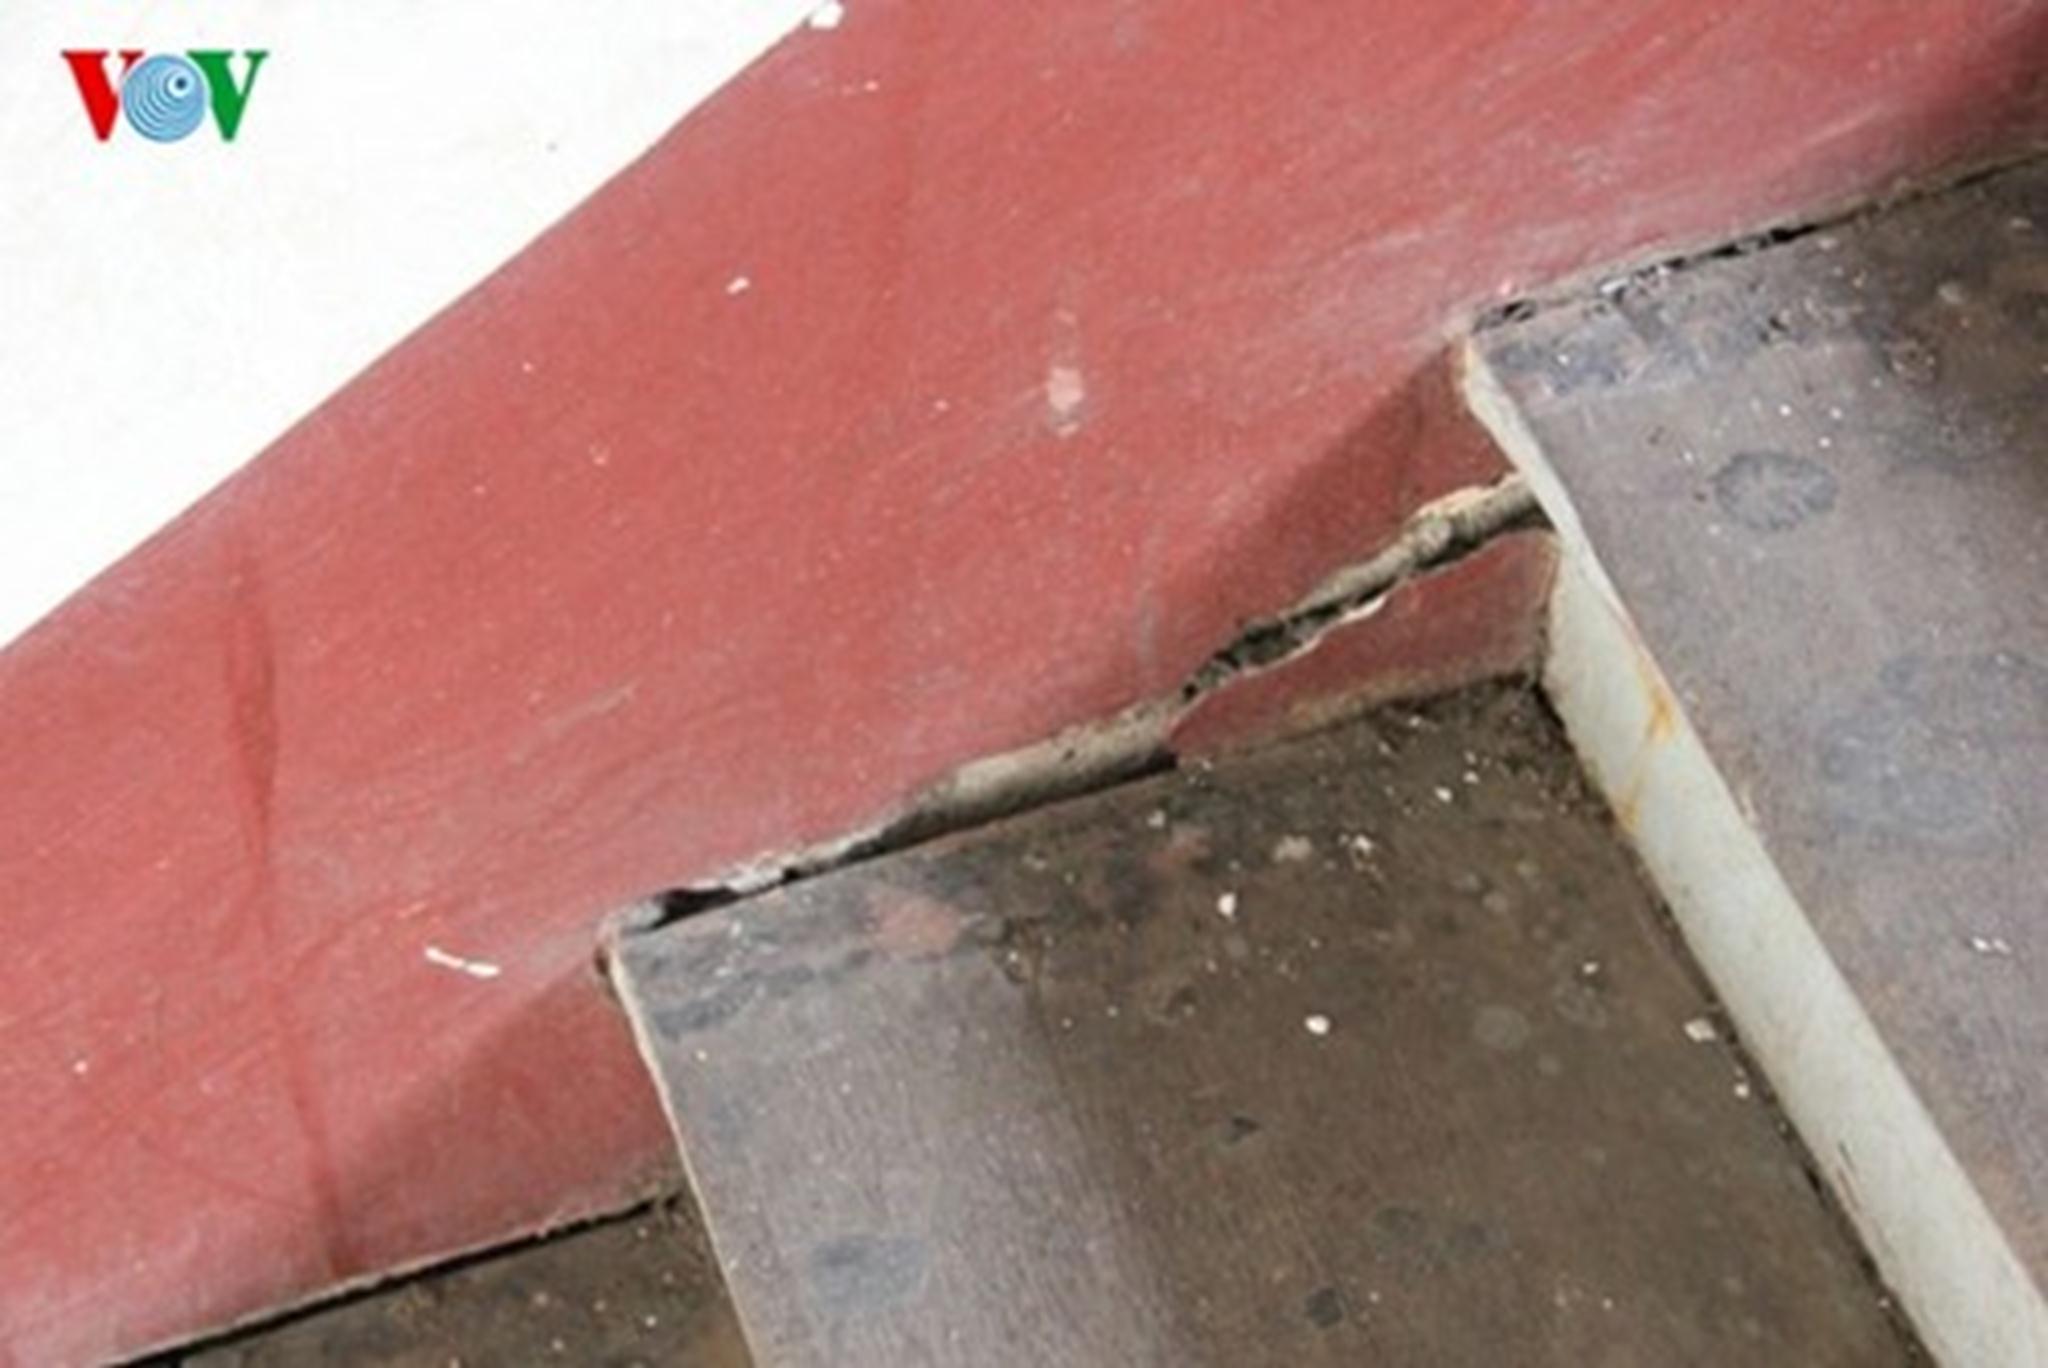 Phần cầu thang hư hại những theo TS.KTS Khuất Tân Hưng là không đáng lo ngại. Ảnh: Thanh Tùng.